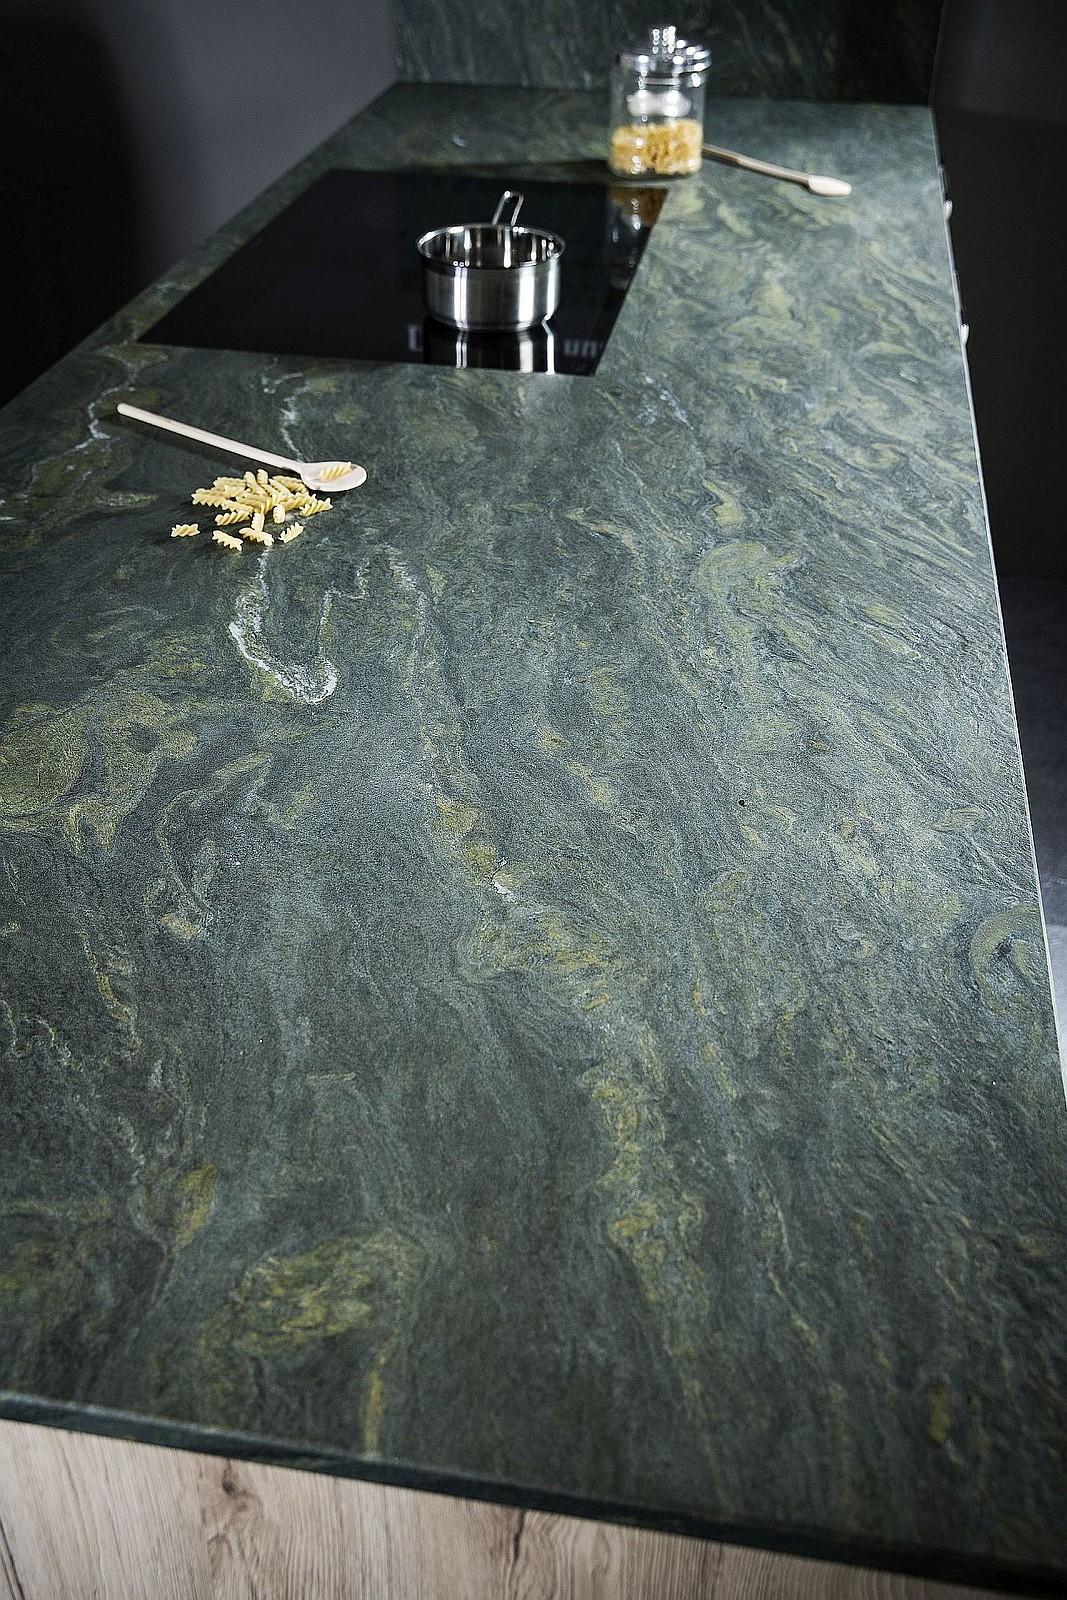 Full Size of Java Schiefer Arbeitsplatte Kche Eiche Massiv Grau Nolte Ikea Küche Arbeitsplatten Sideboard Mit Wohnzimmer Java Schiefer Arbeitsplatte